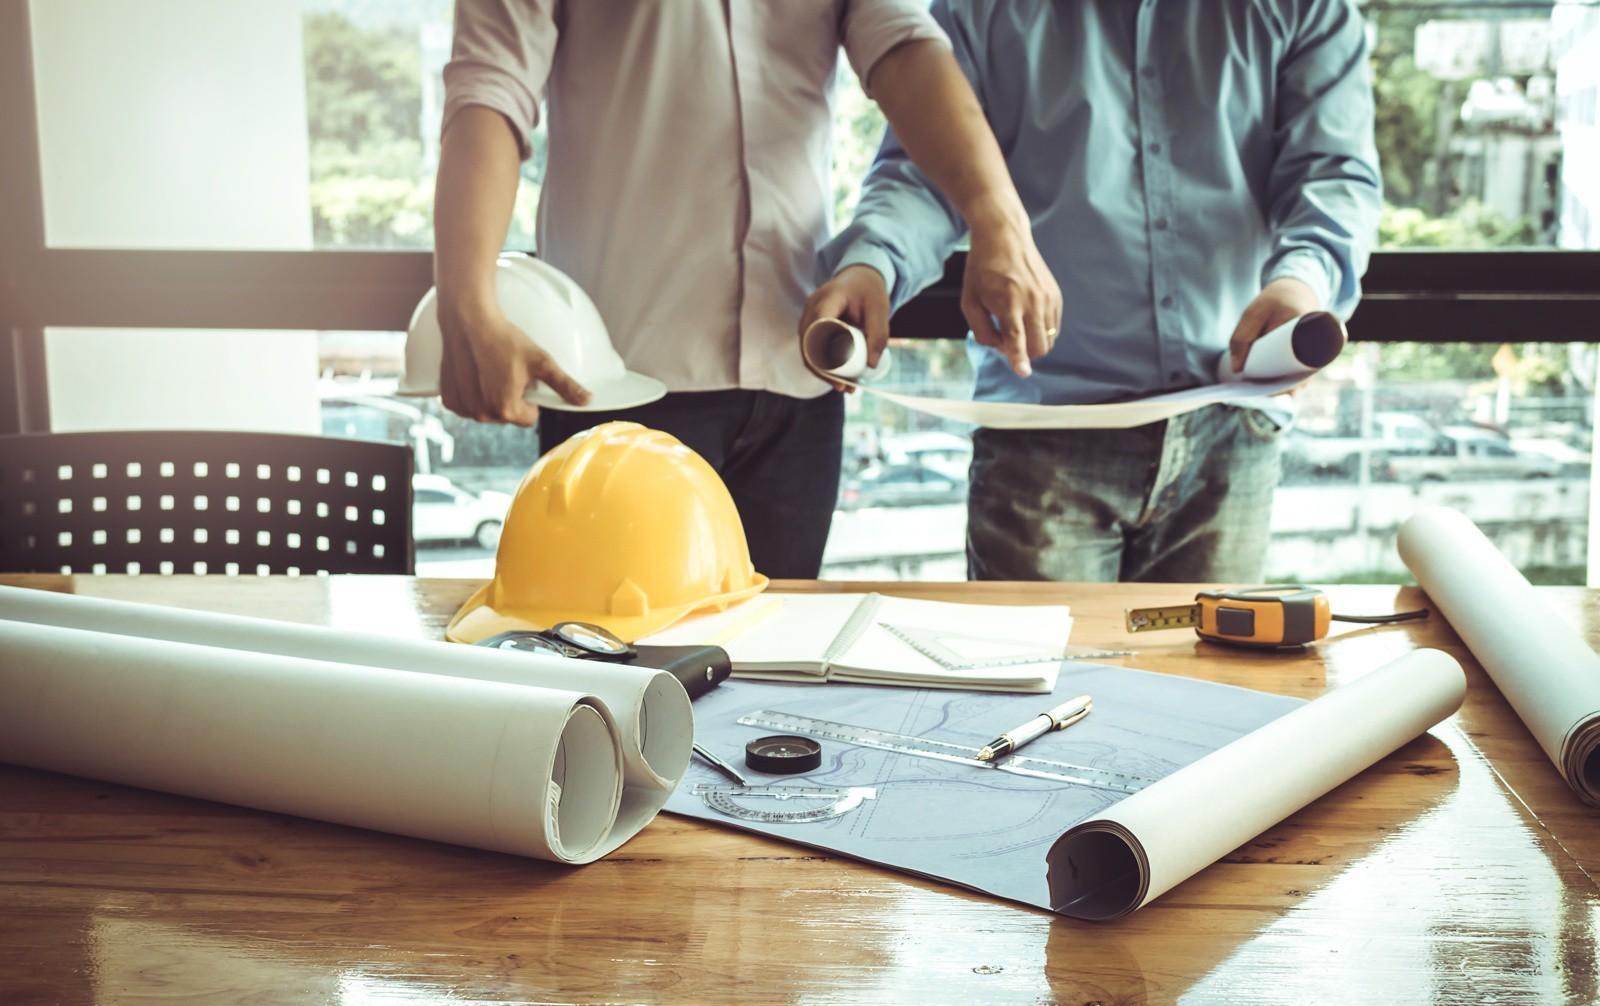 bonus edilizi, come funzionano? Due ingegneri discutono su dei progetti di ristrutturazione